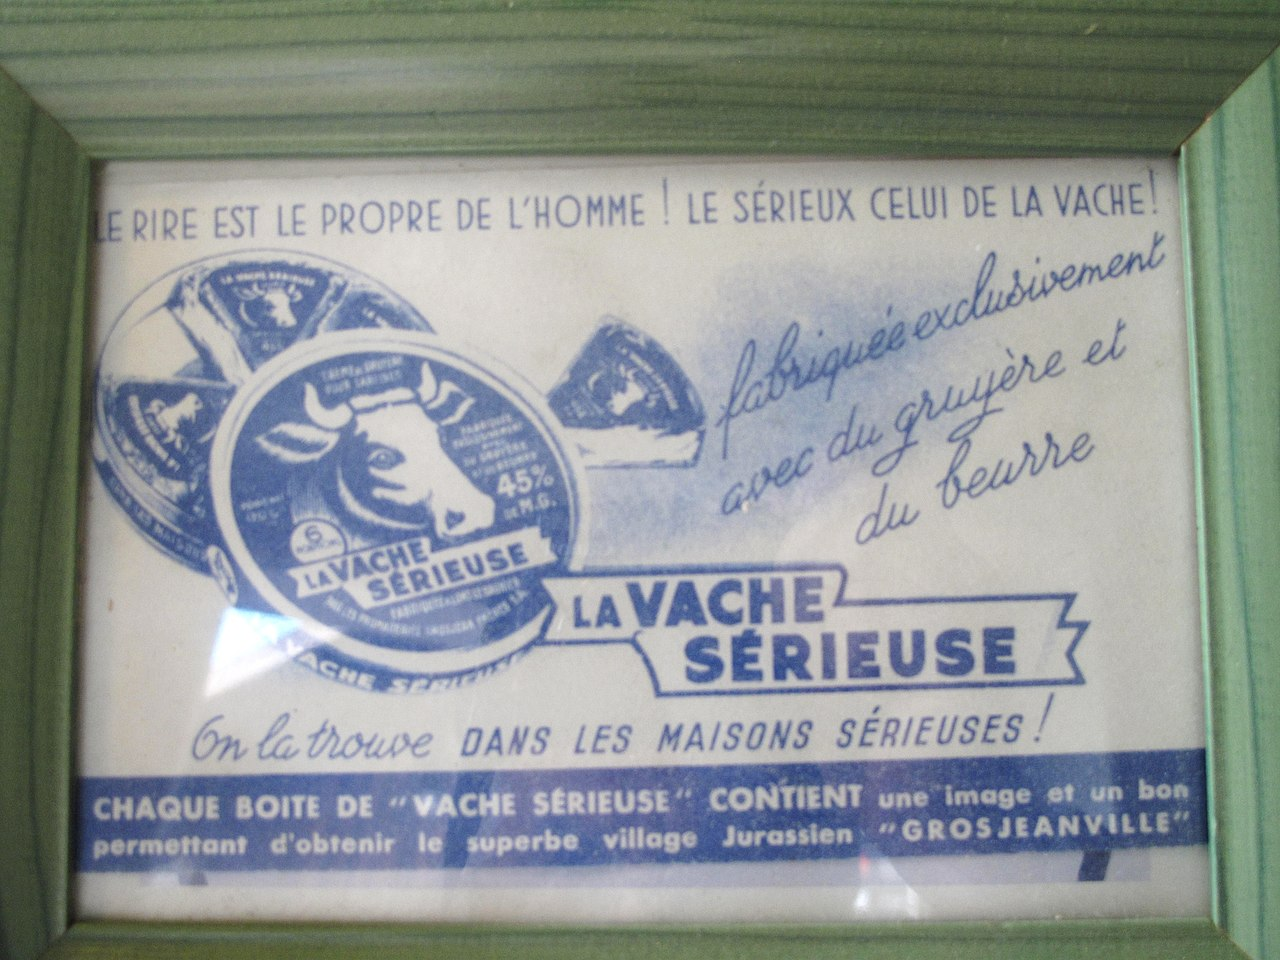 1280px-La_Vache_S%C3%A9rieuse.jpg